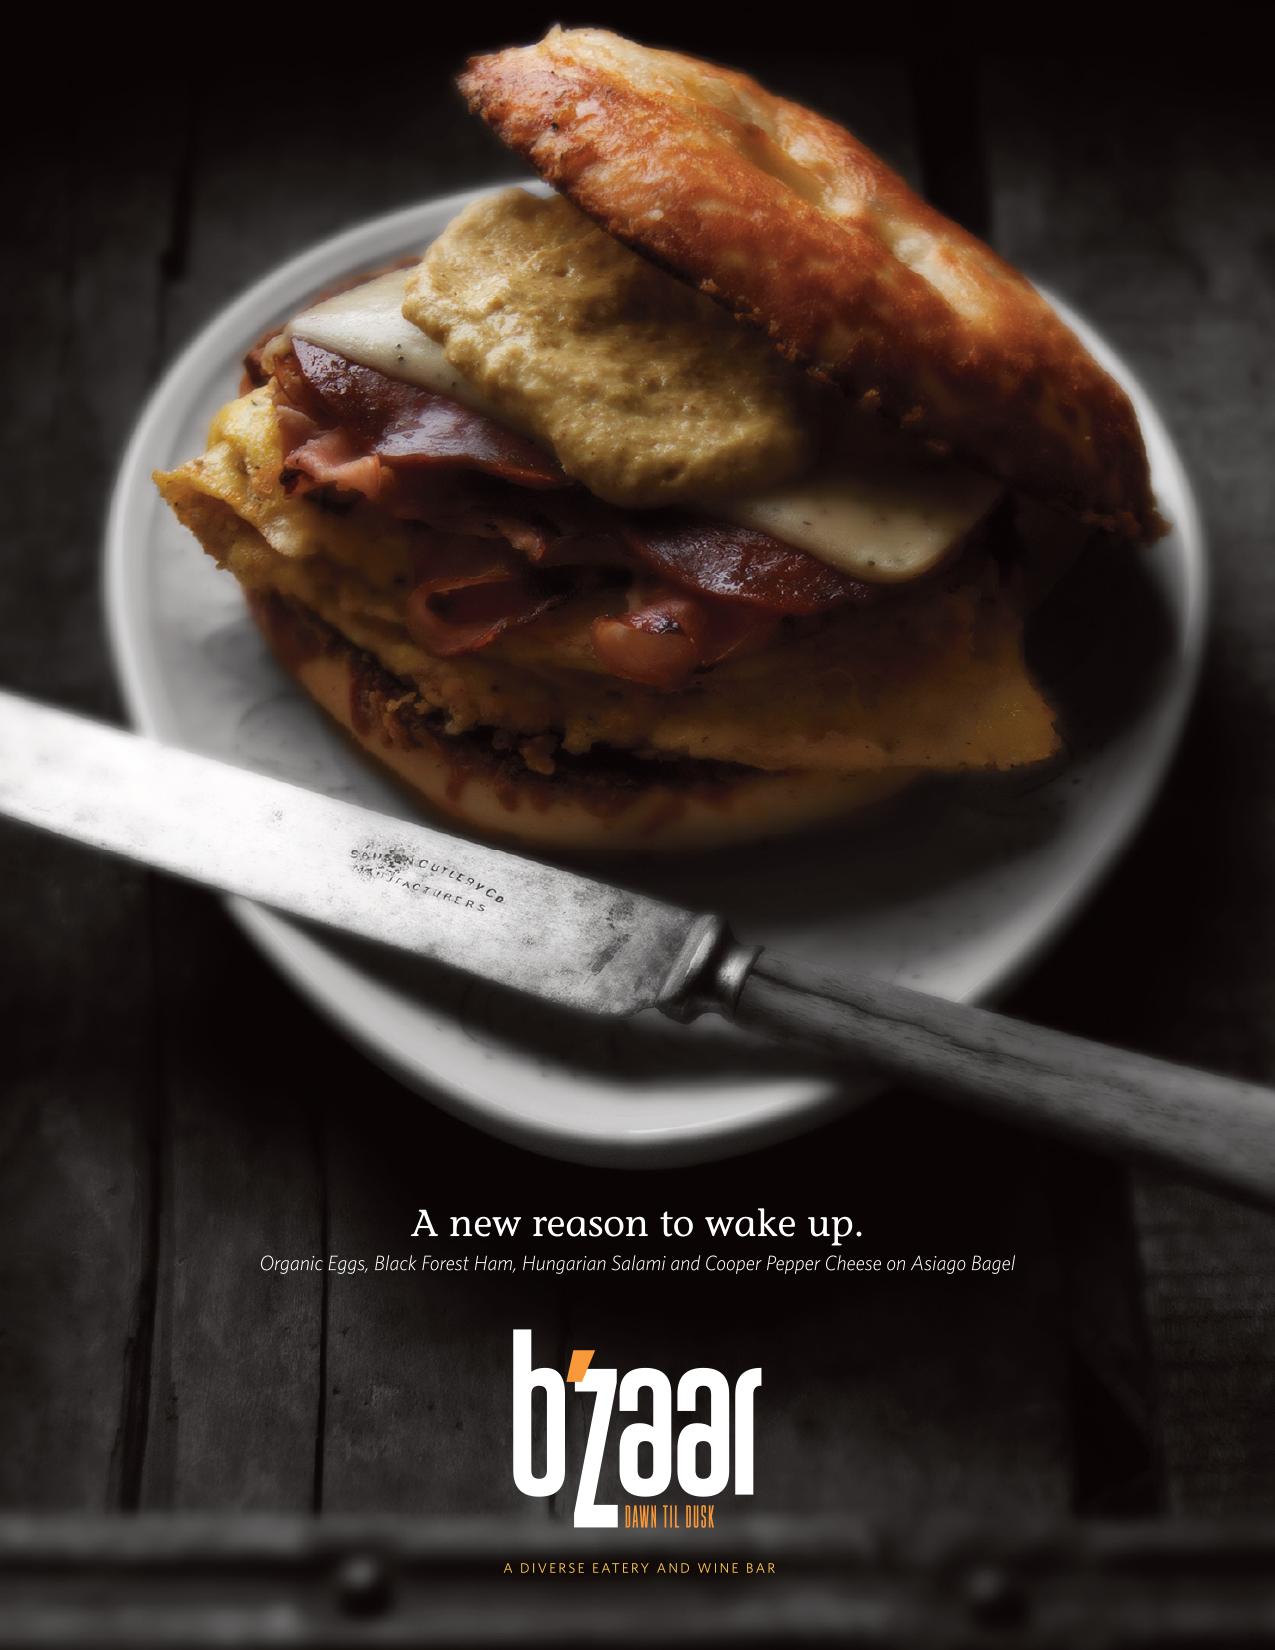 bzaarBreakfastSandwich.jpg